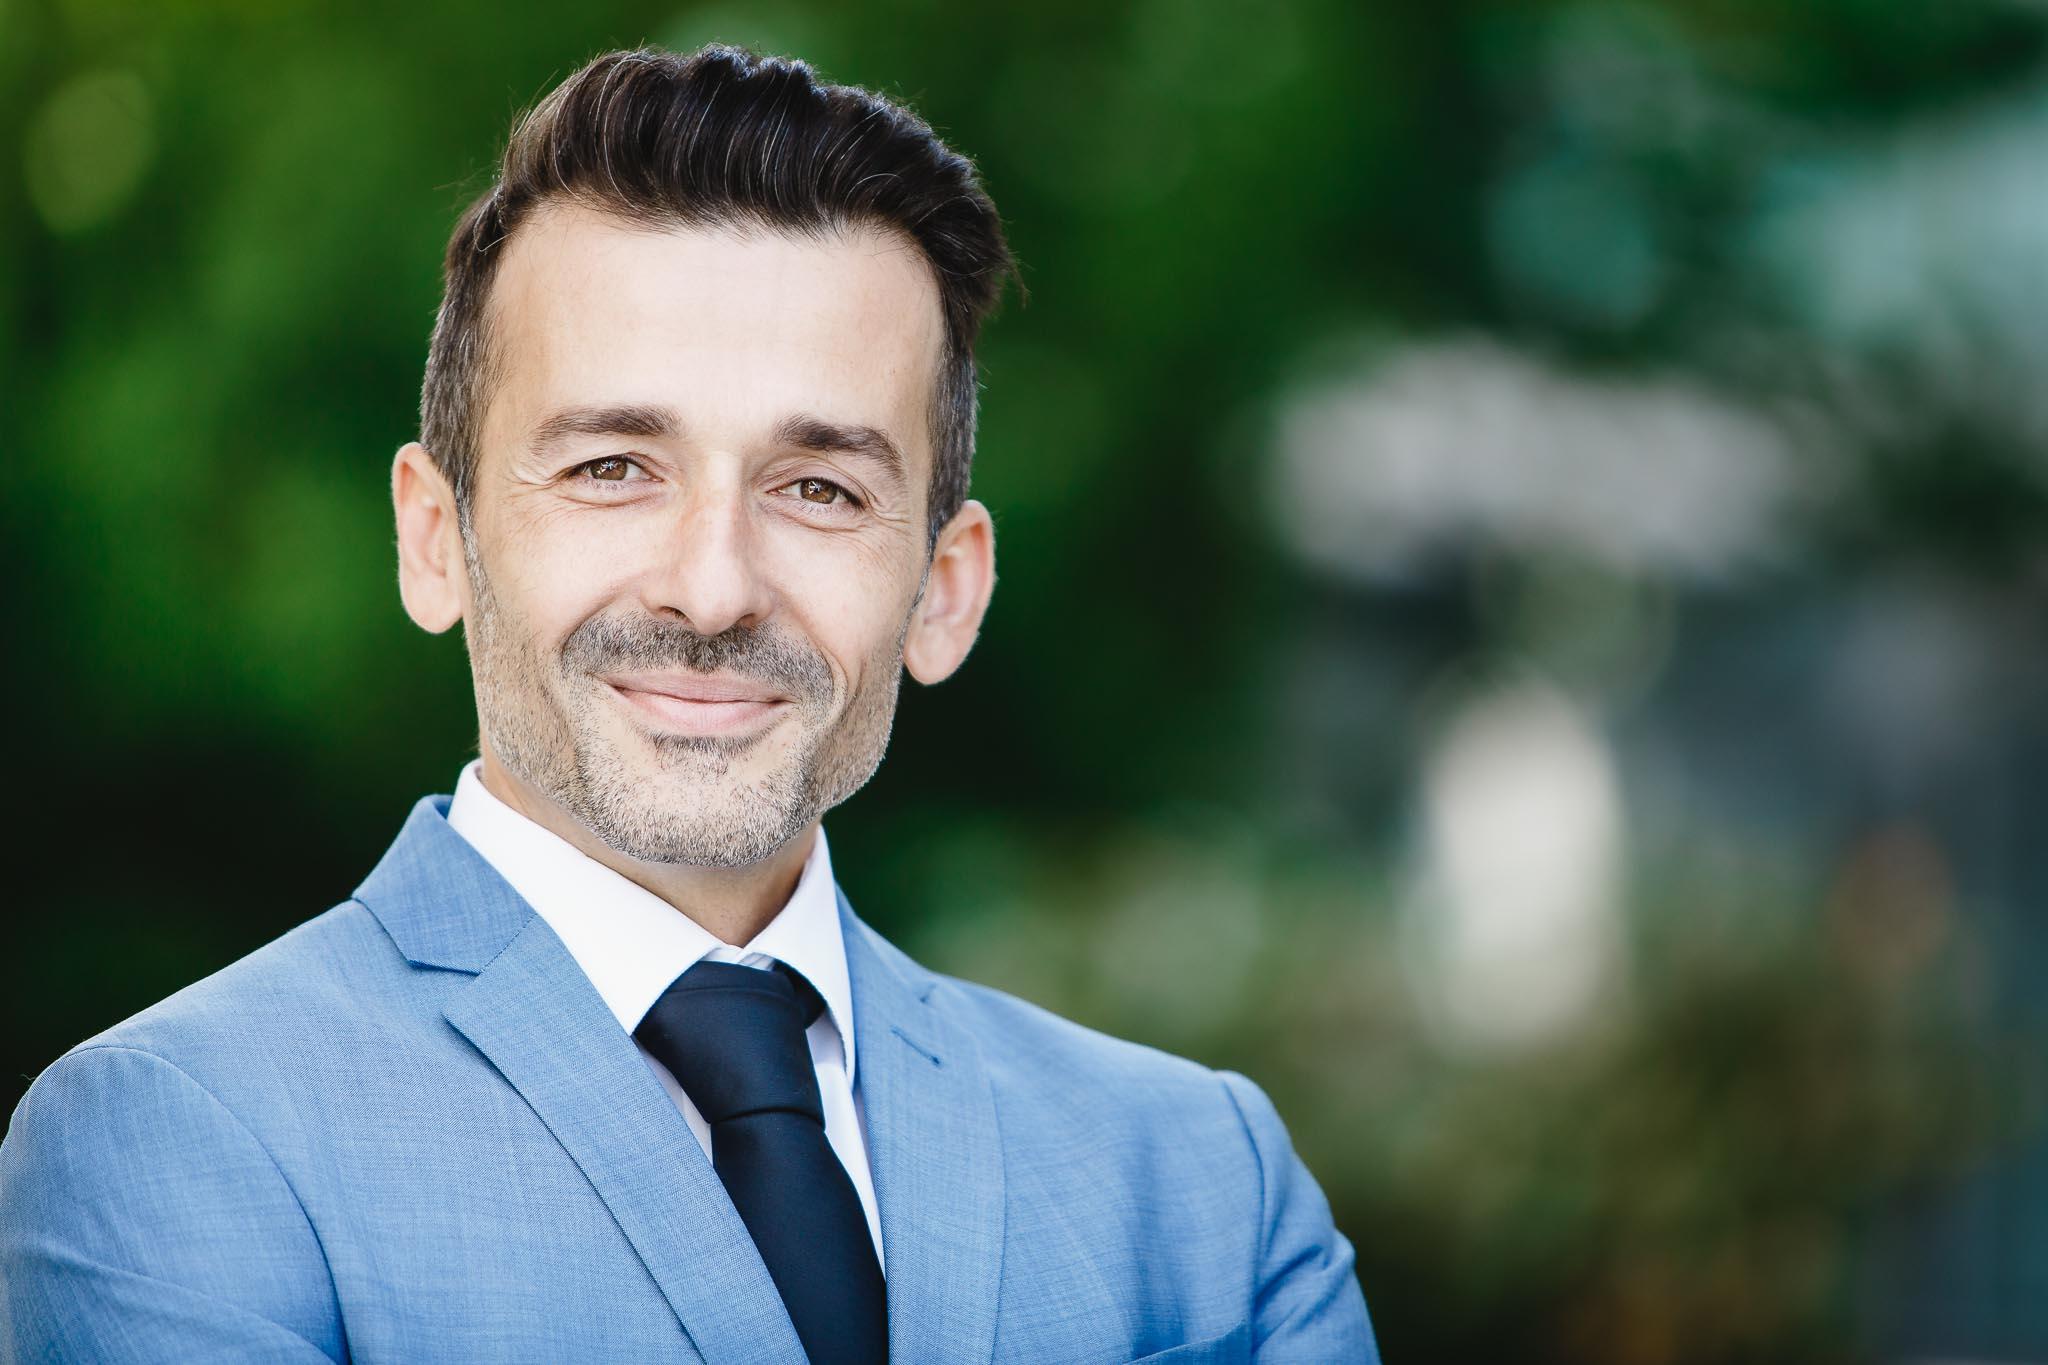 Markus Schneeberger Businessfotografie - markus schneeberger photography 2018 08 27 11 31 59 - Portraits